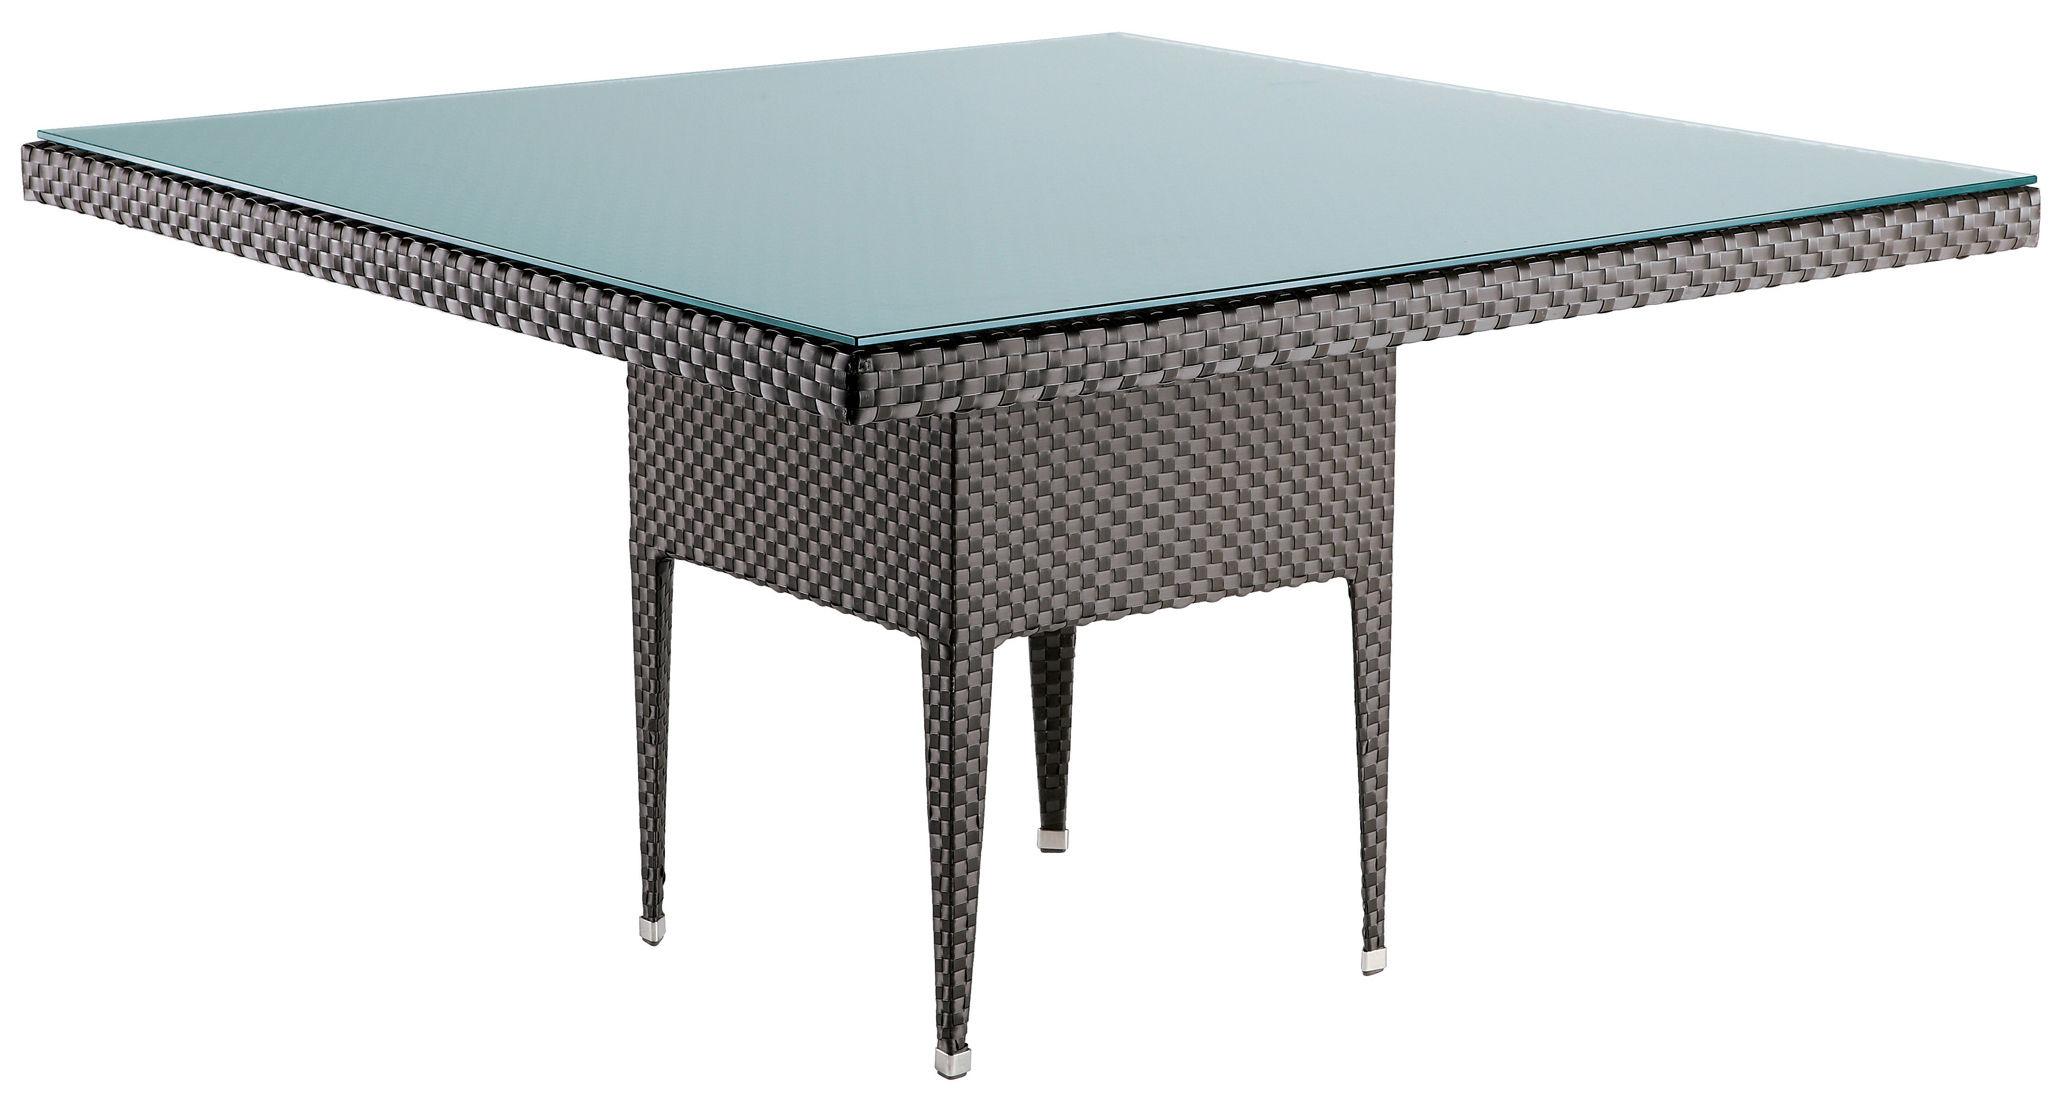 Scopri tavolo da giardino Transatlantik -Quadrata, Wengé - 140 x 140 ...